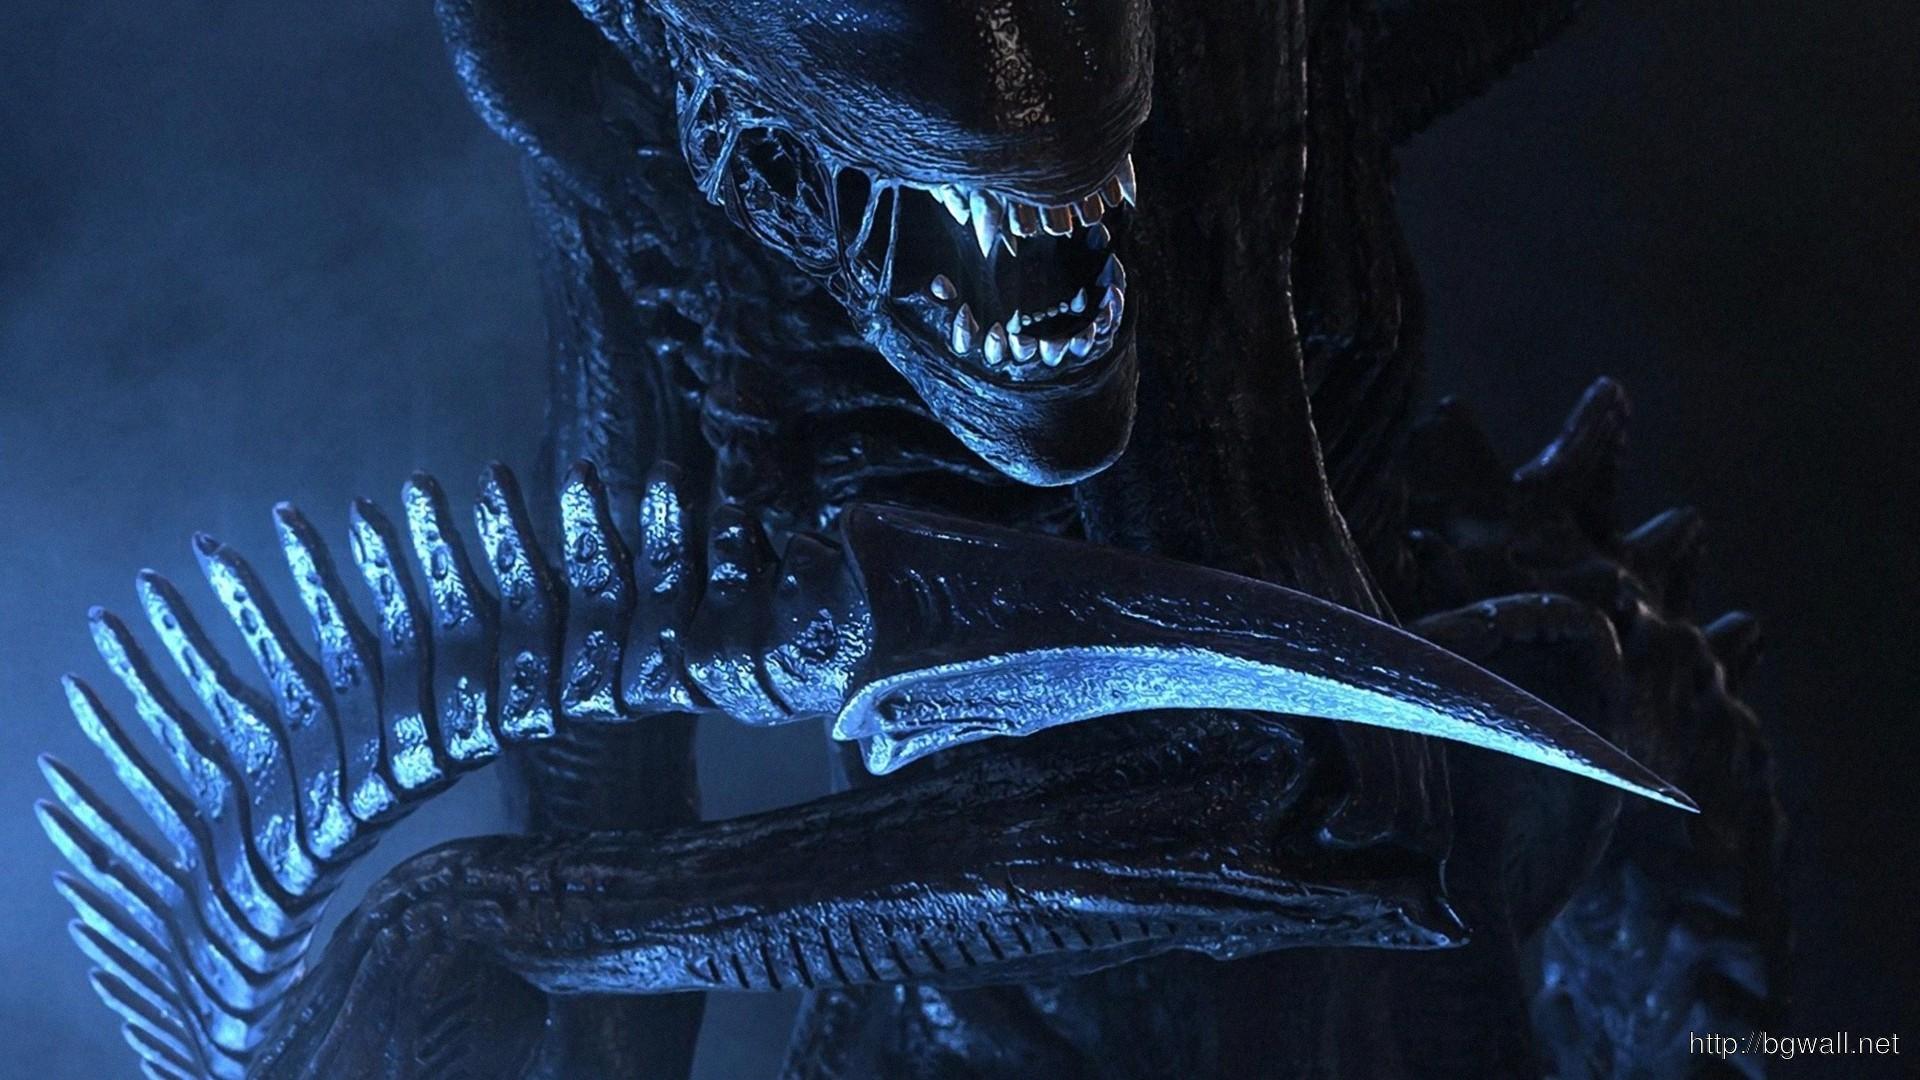 Alien Wallpaper 5840